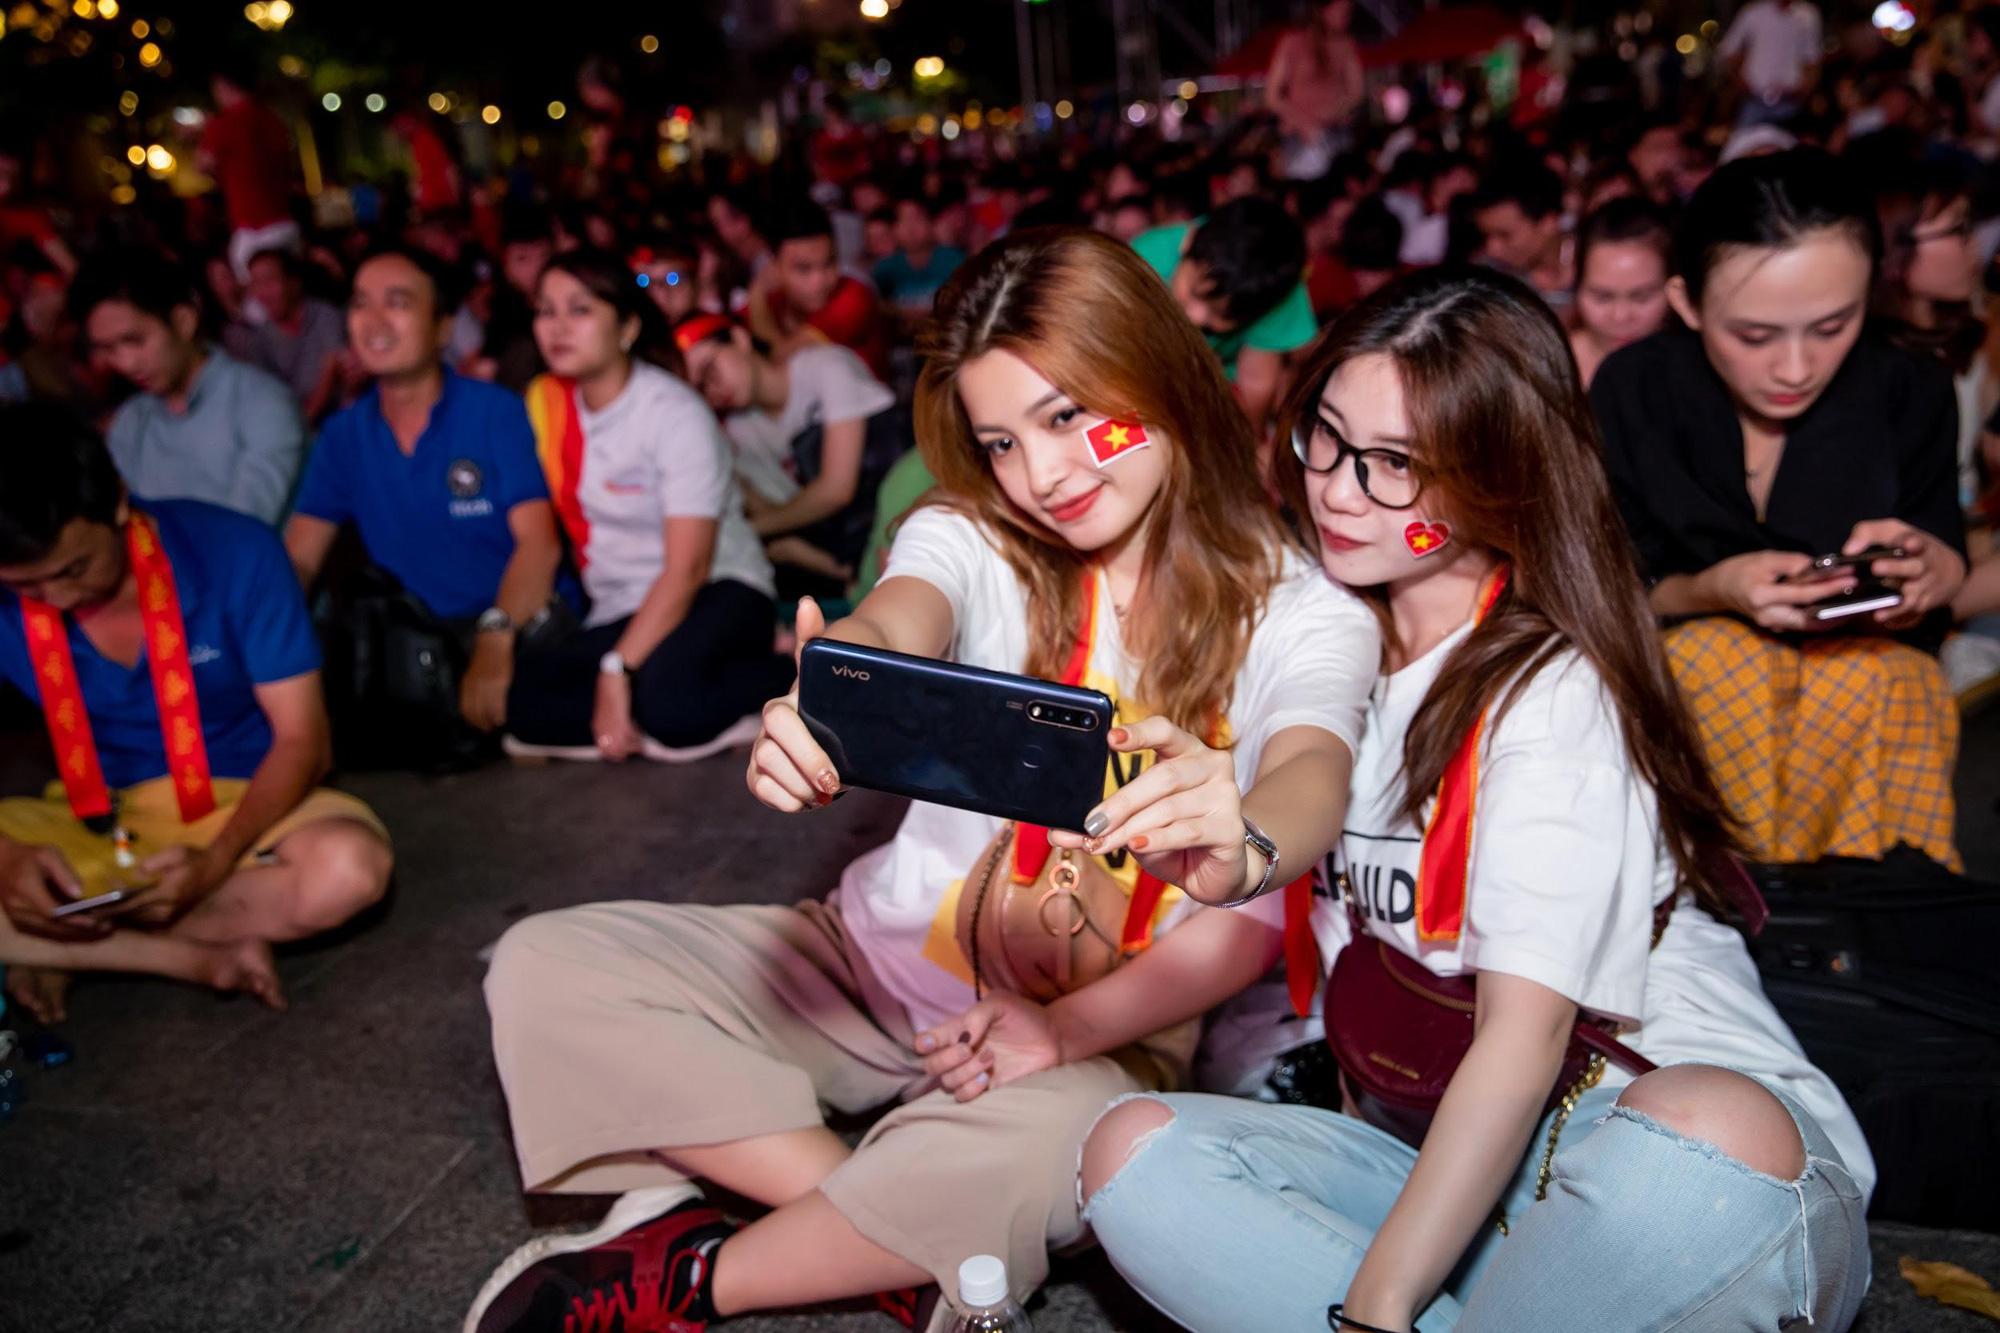 Giải mã chiếc điện thoại được hàng loạt tín đồ túc cầu selfie tại trận đấu vòng loại World Cup Việt Nam - UAE - Ảnh 3.